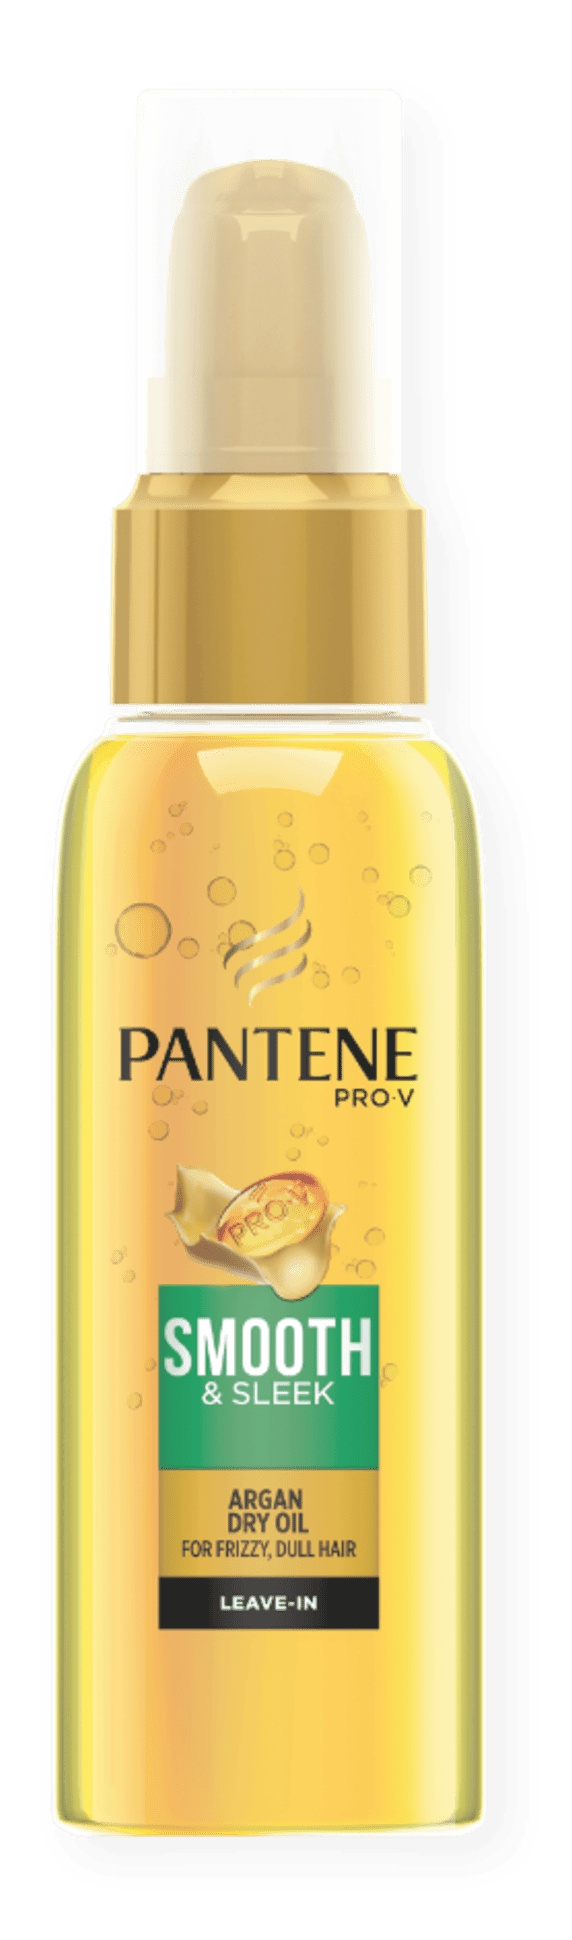 Pantene Smooth & Sleek Hair Oil